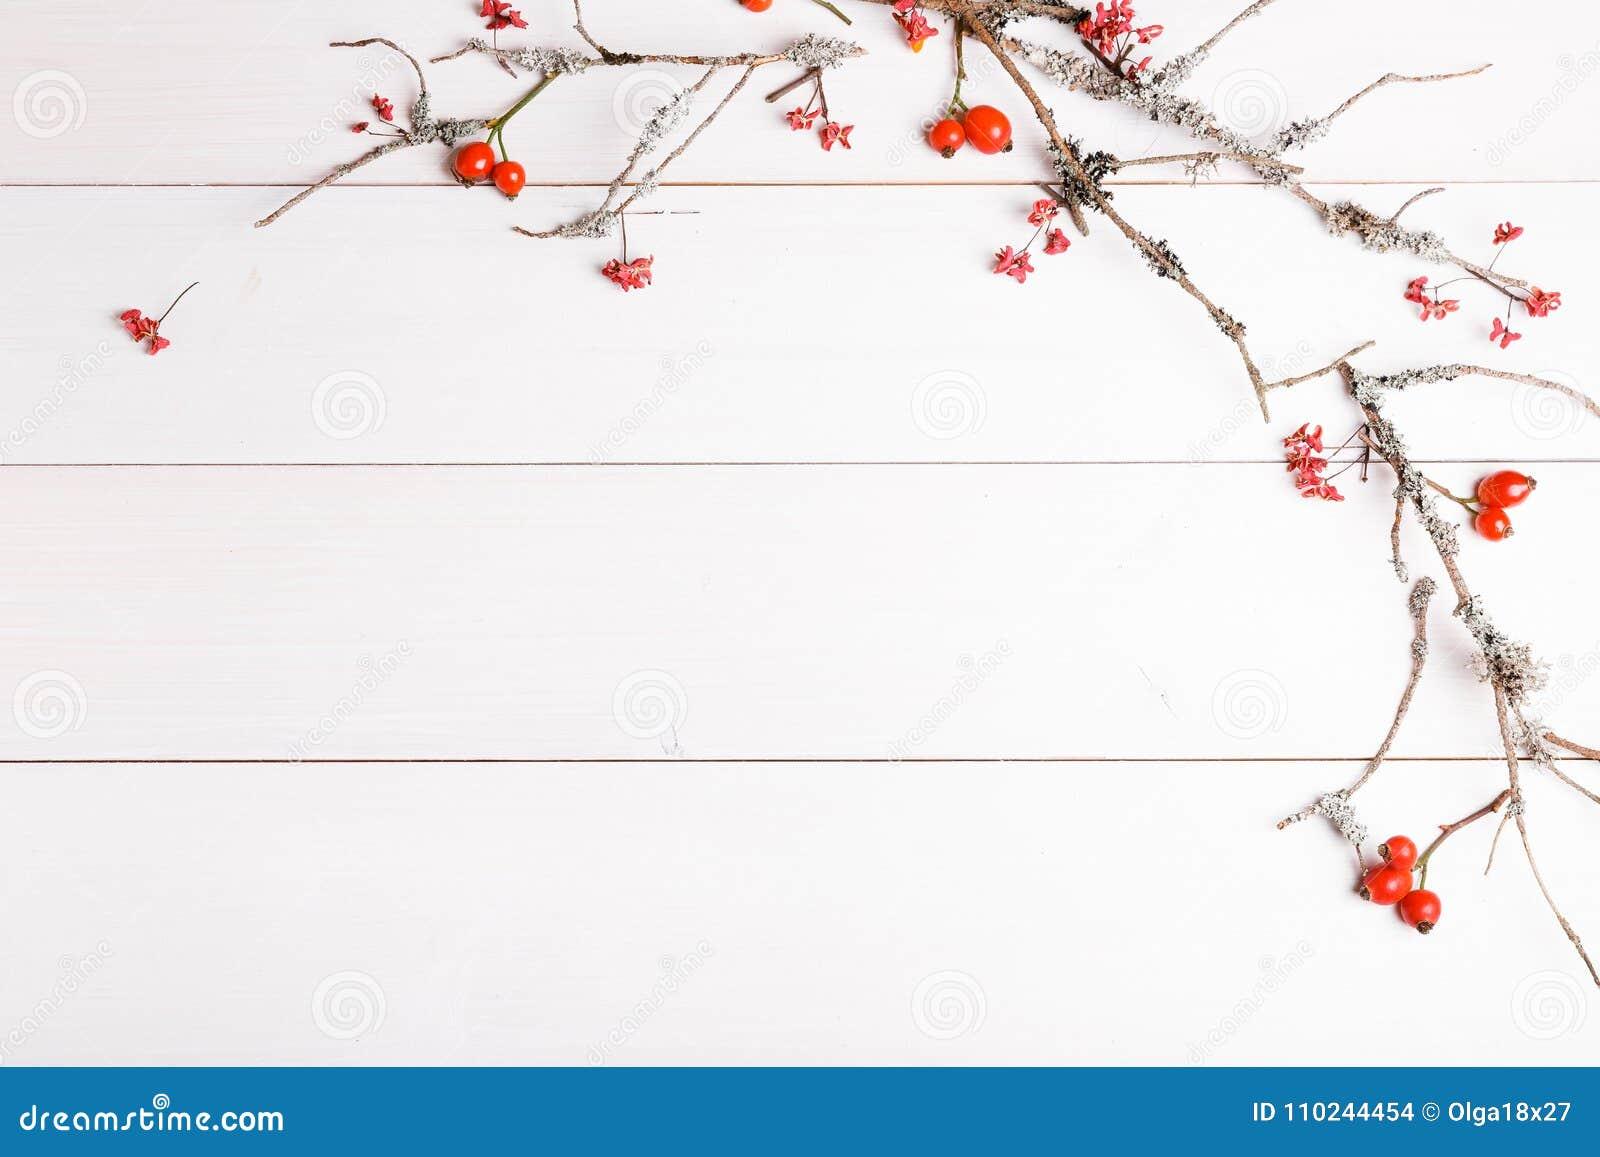 Weihnachts-, des neuen Jahres oder des Herbsteshintergrund, flache Lagezusammensetzung von Weihnachtsnatürlichen Verzierungen und